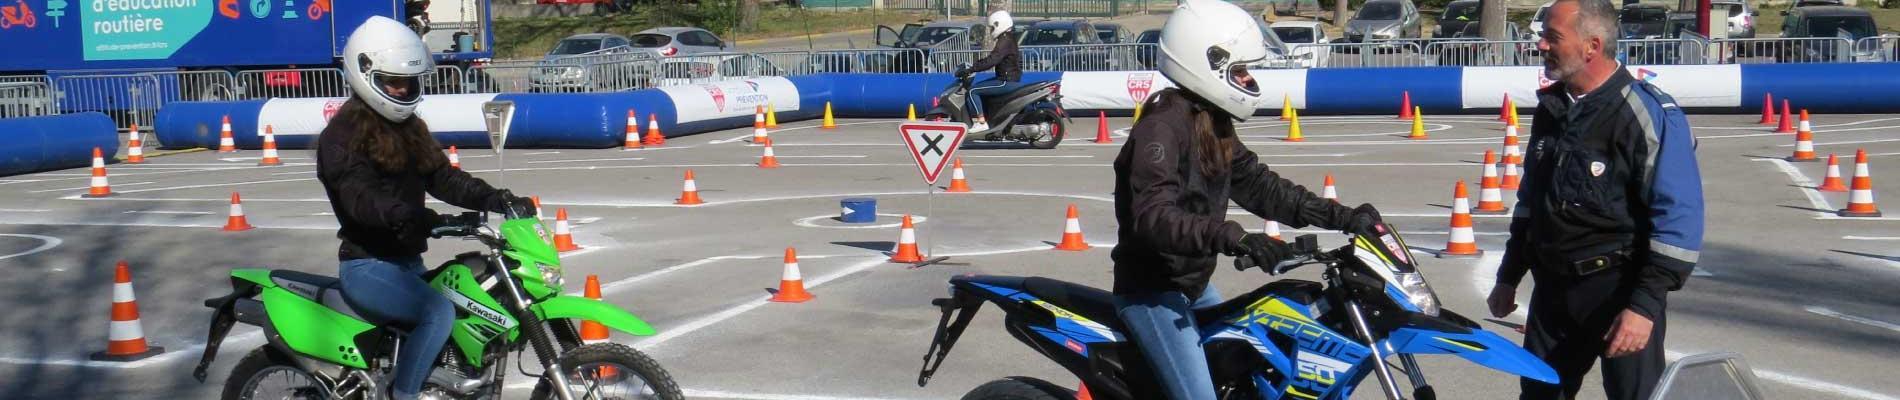 Les jeunes en piste pour la sécurité aux Pennes Mirabeau (13), du 19 au 22 mars